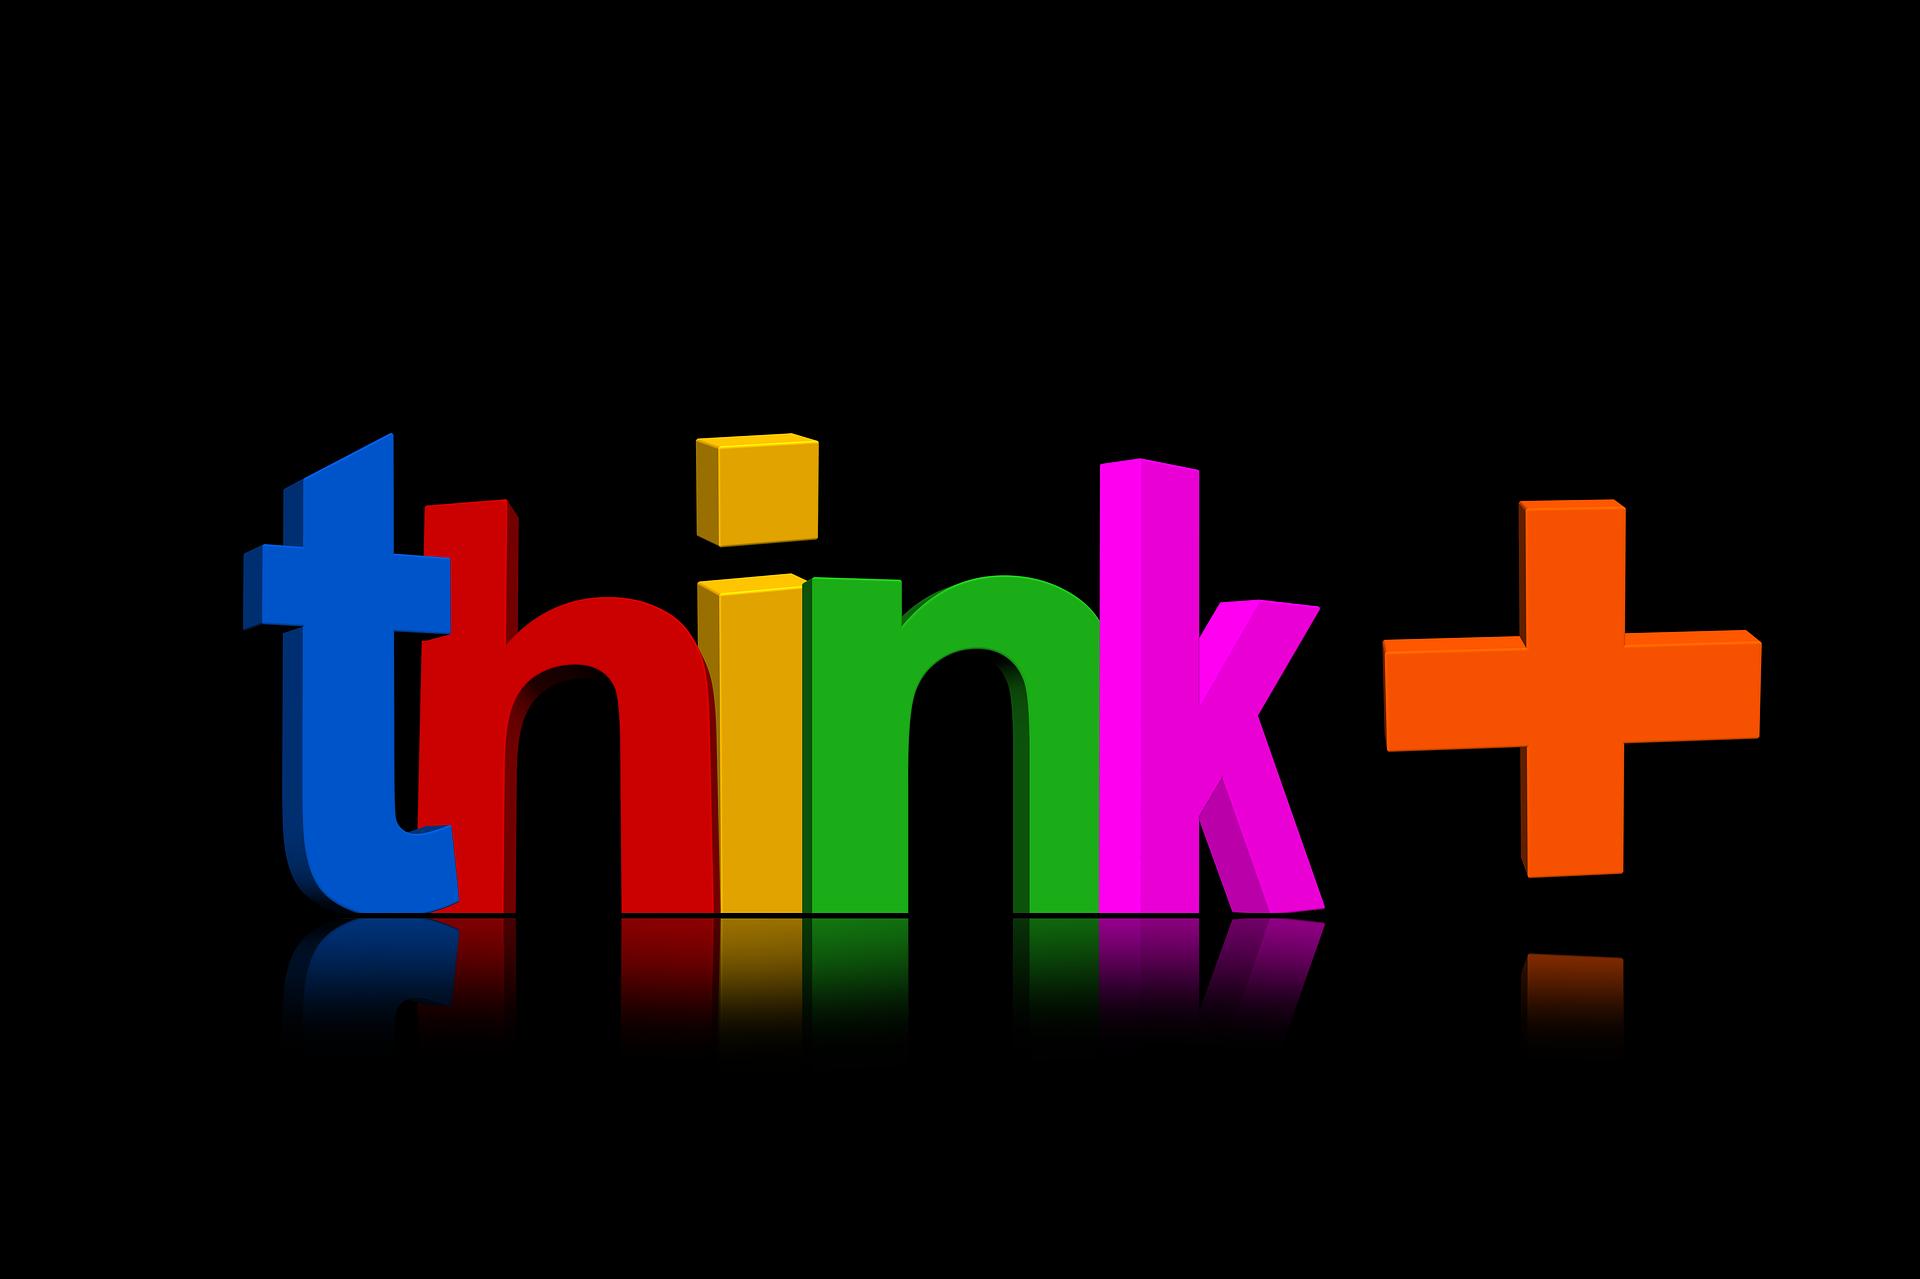 Οι 5 παγίδες της σκέψης που μας στερούν την καλή μας διάθεση